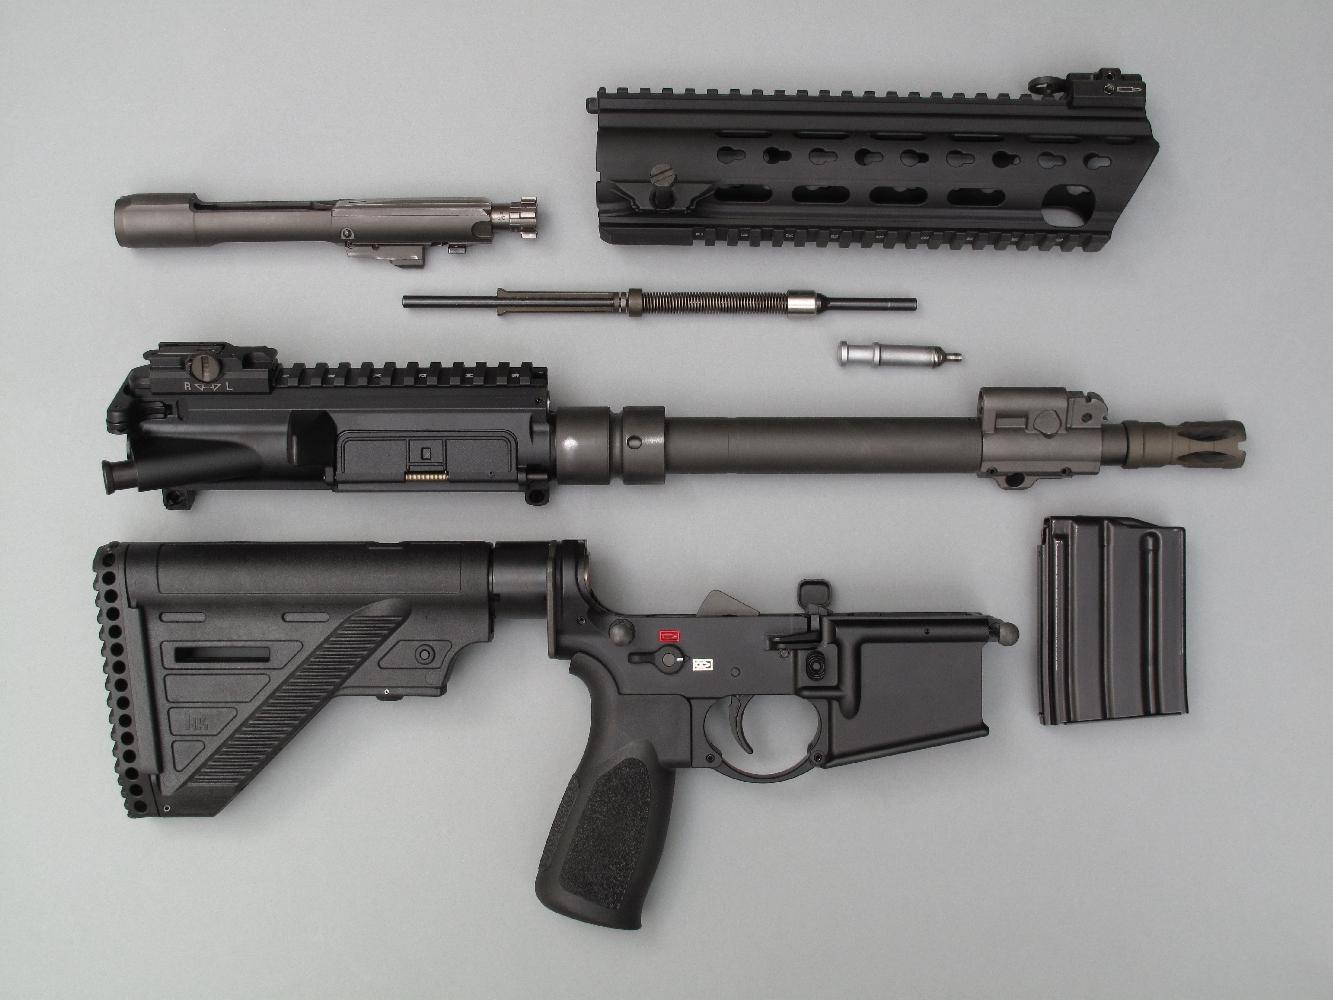 Le démontage sommaire de l'arme, pour effectuer les opérations courantes de nettoyage et lubrification, peut être réalisé très aisément et sans outil.